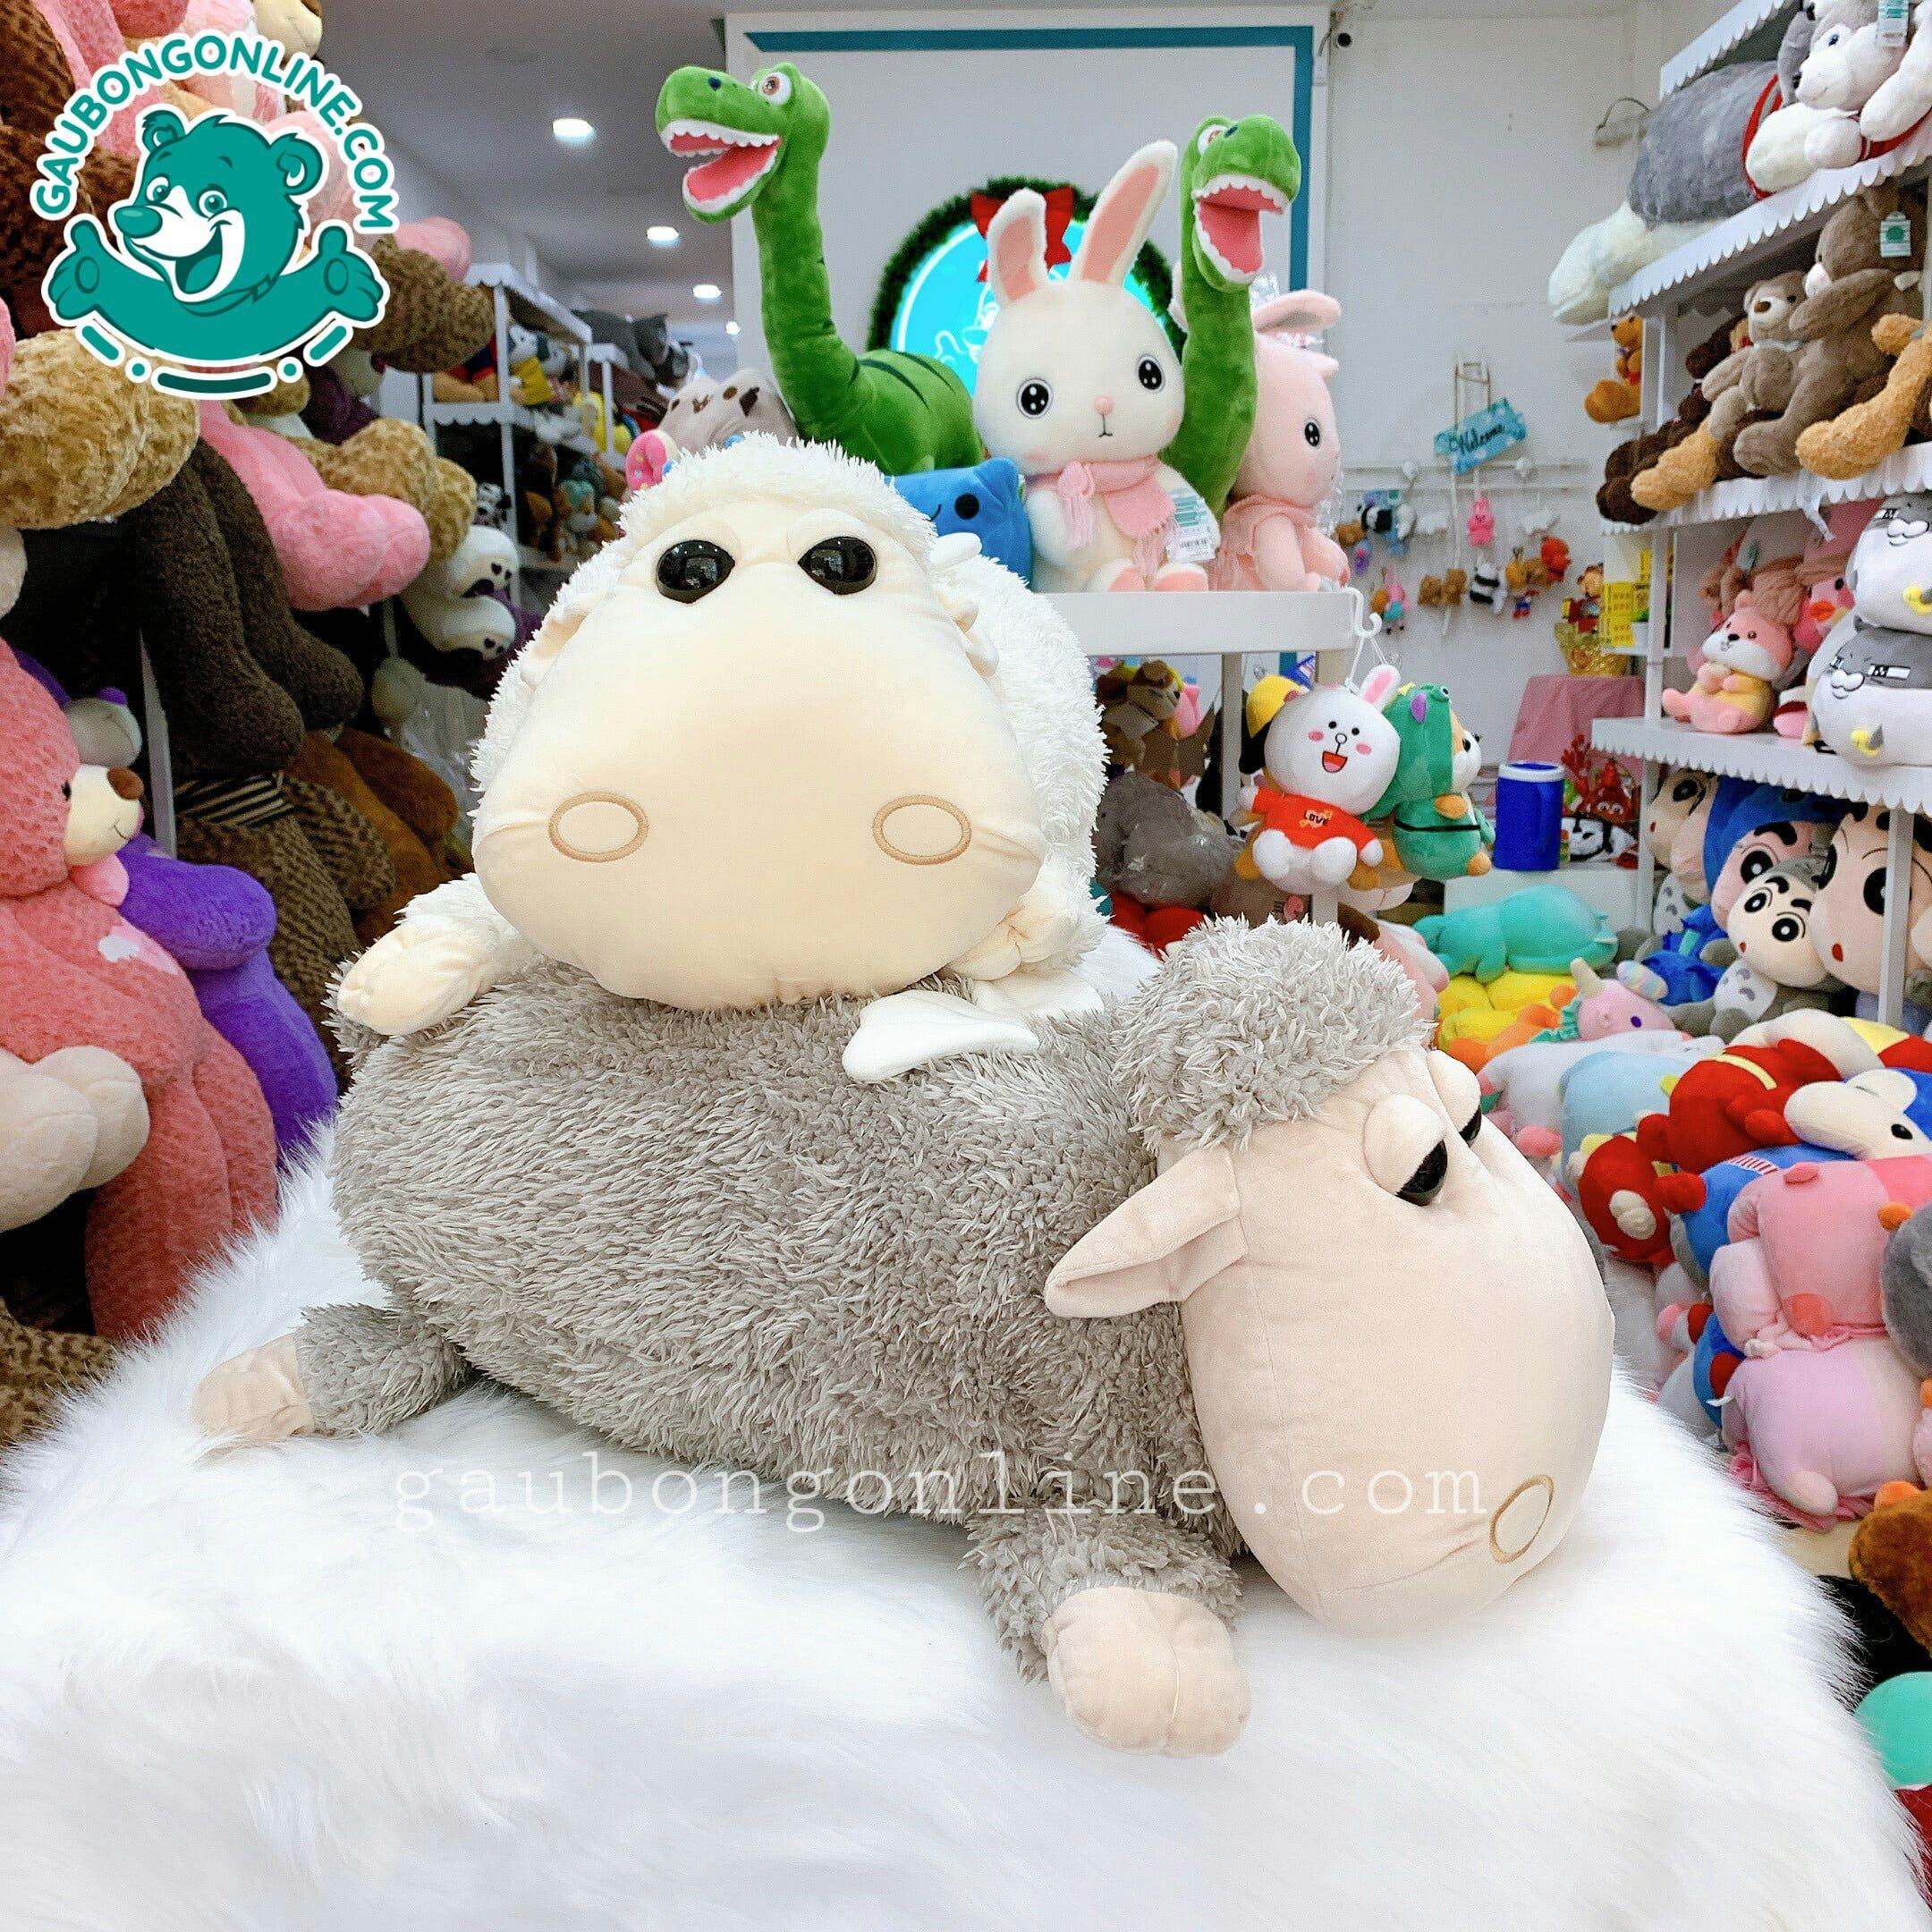 Cừu Nằm Thiên Thần